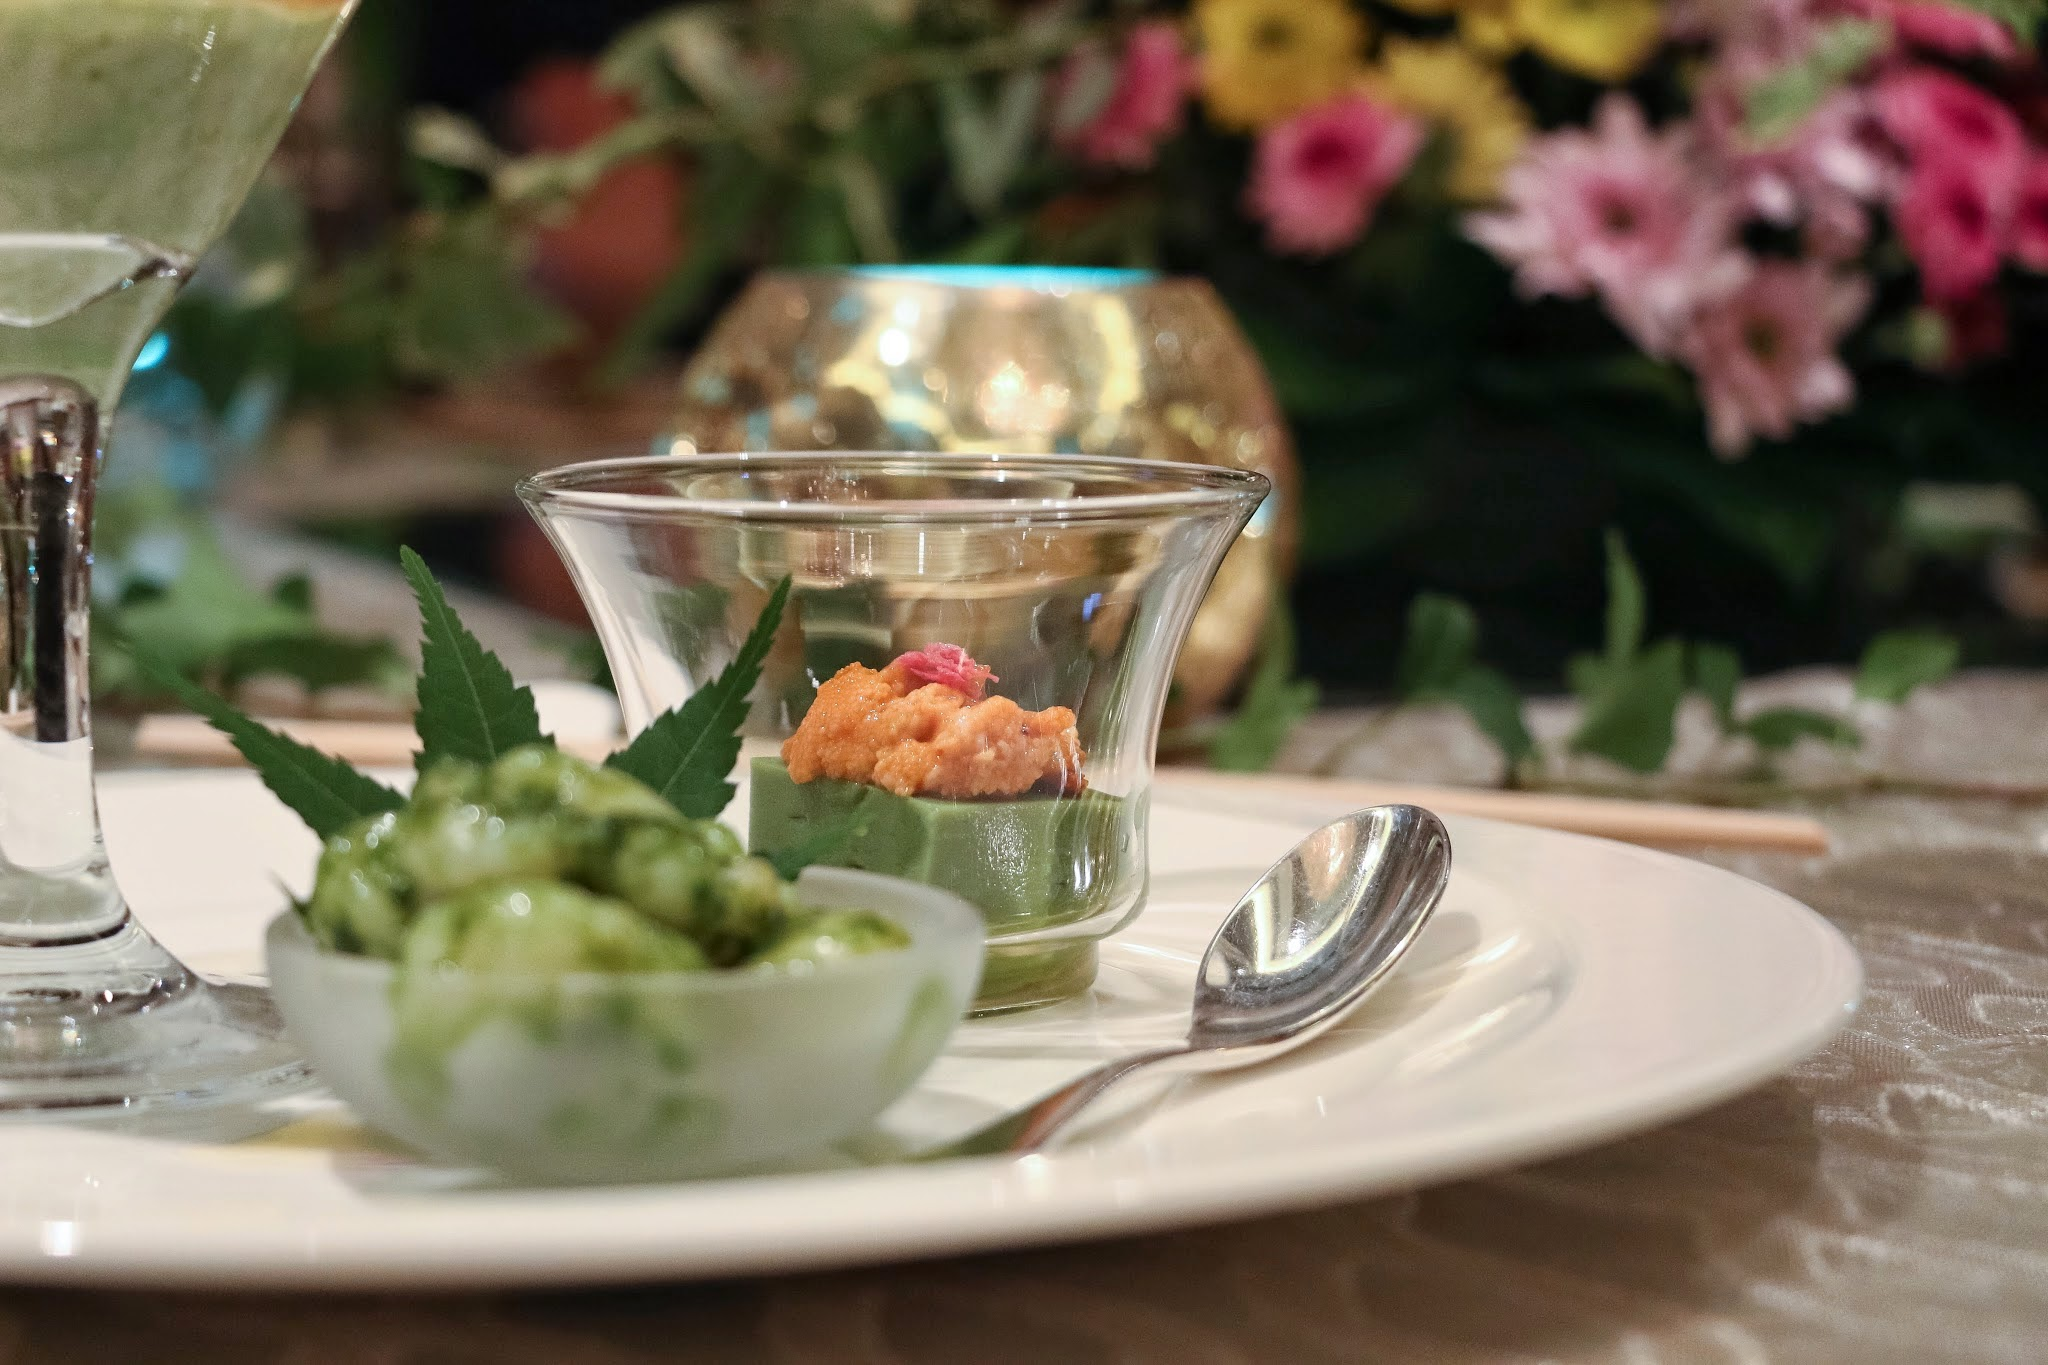 Kowloon Shangri-La, Matcha Green Tea, Shang Palace, Nadaman